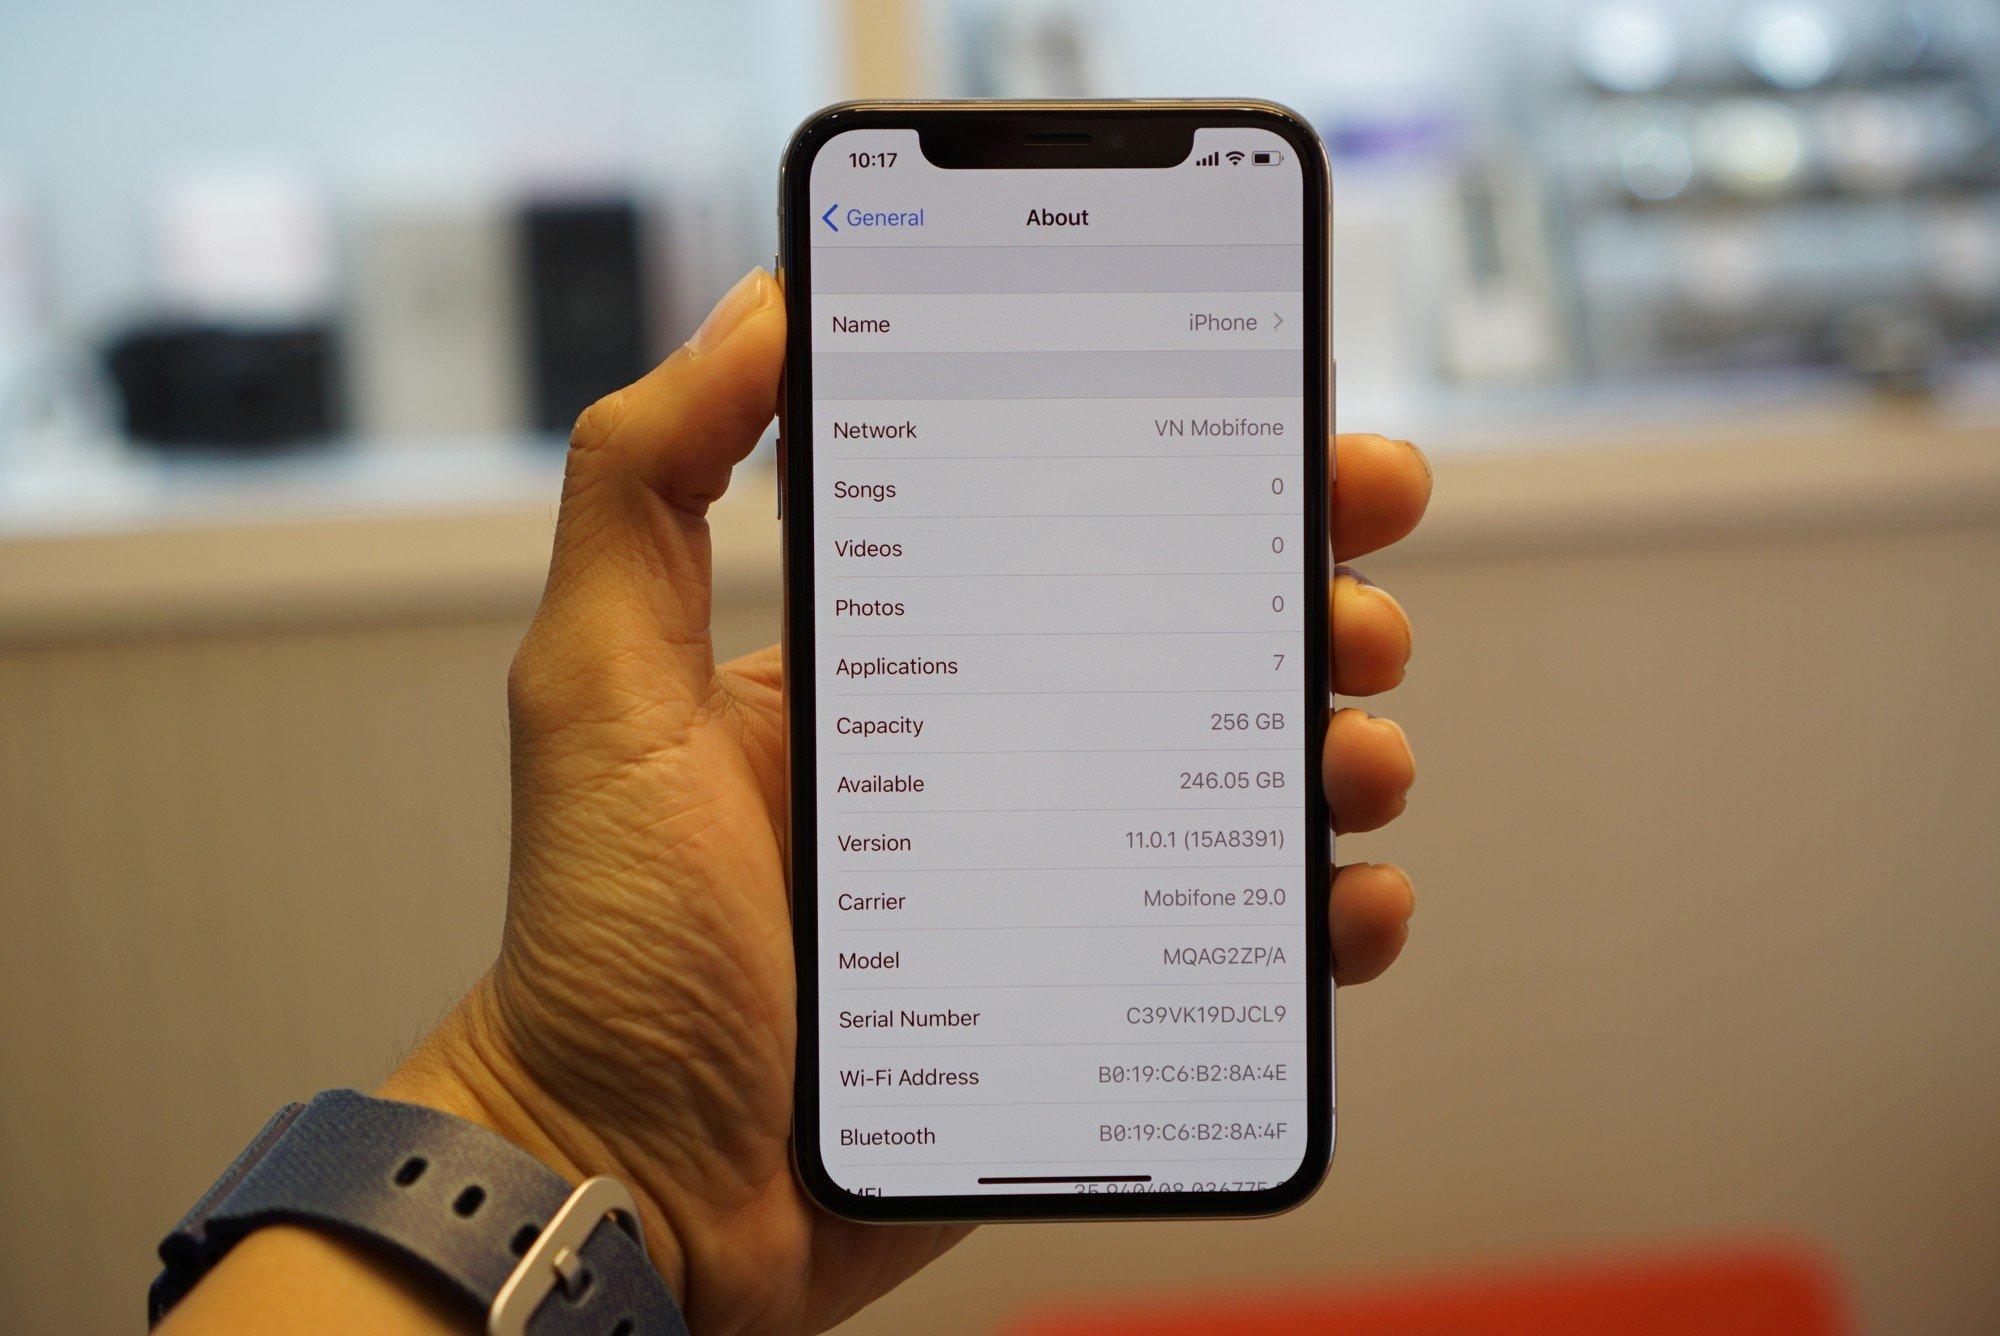 iPhone X giá 68 triệu đây rồi: Màn hình đẹp sắc sảo, thiết kế toàn diện, thao tác hoàn toàn mới 10